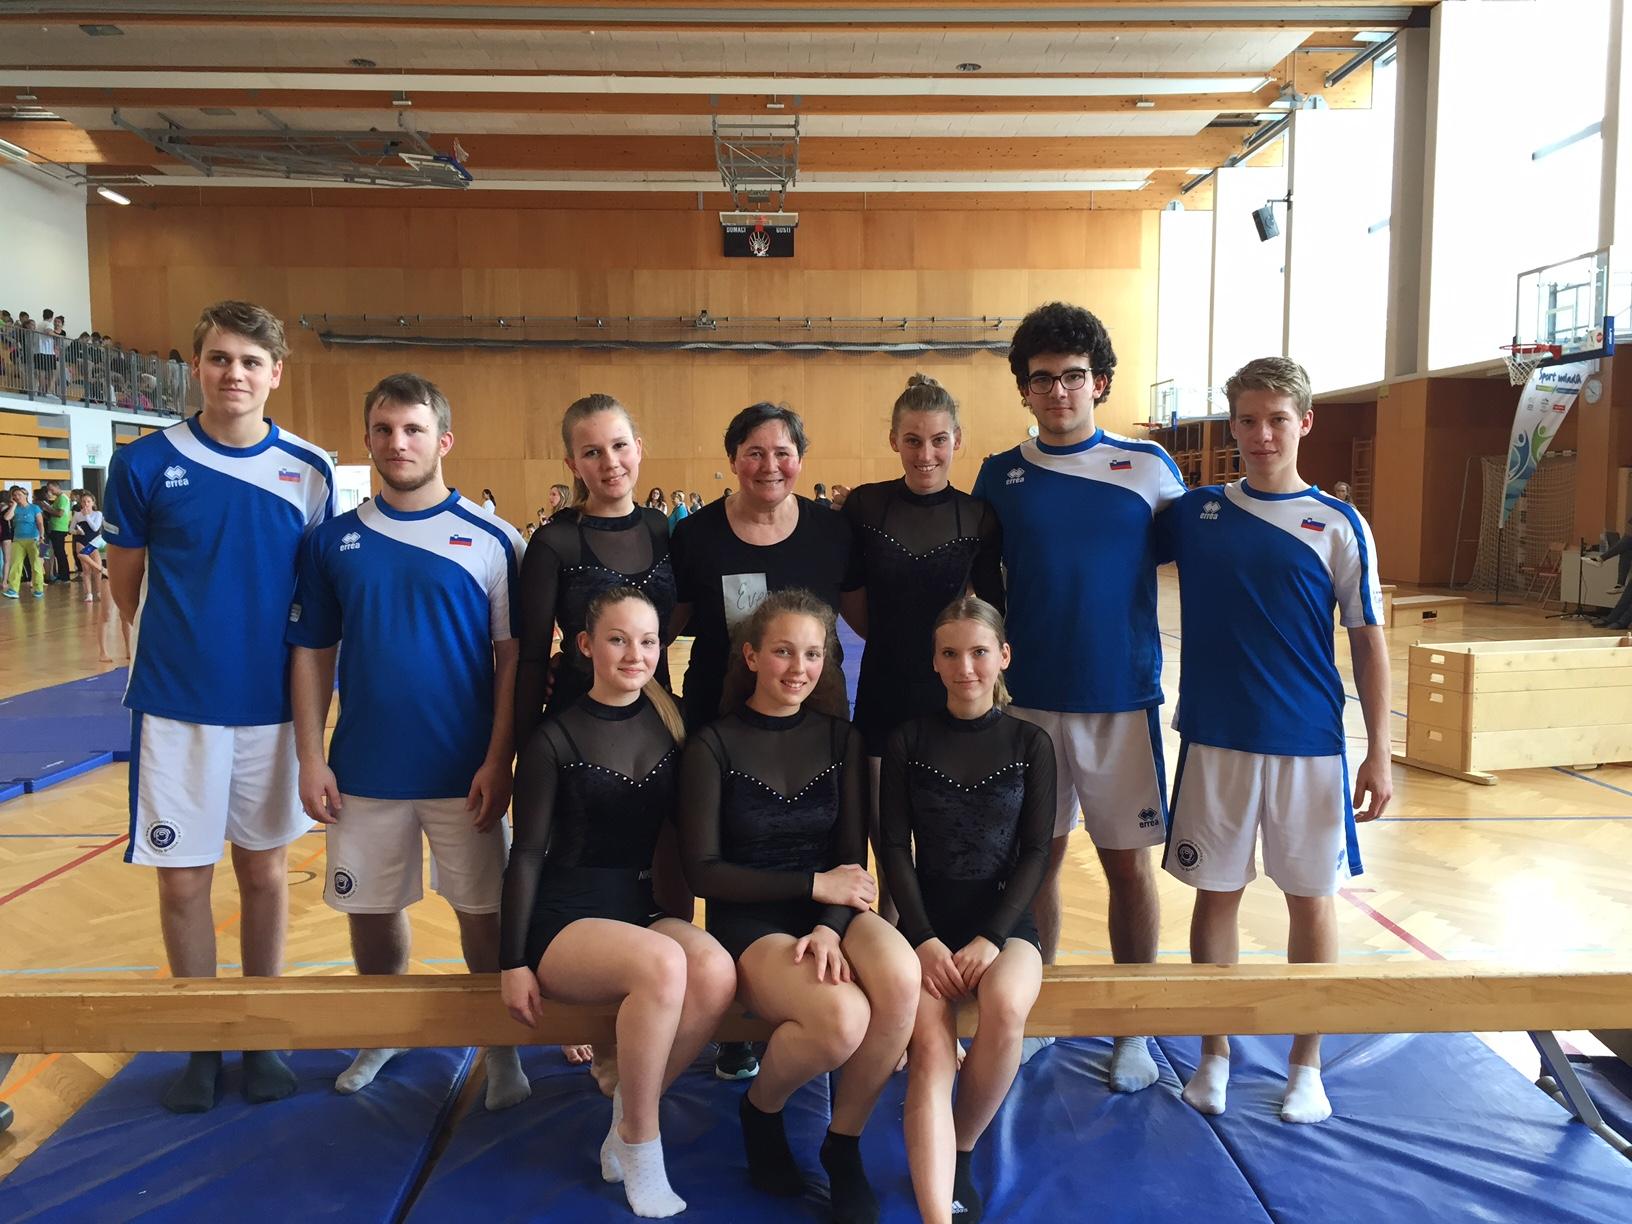 Državno šolsko prvenstvo v športni gimnastiki